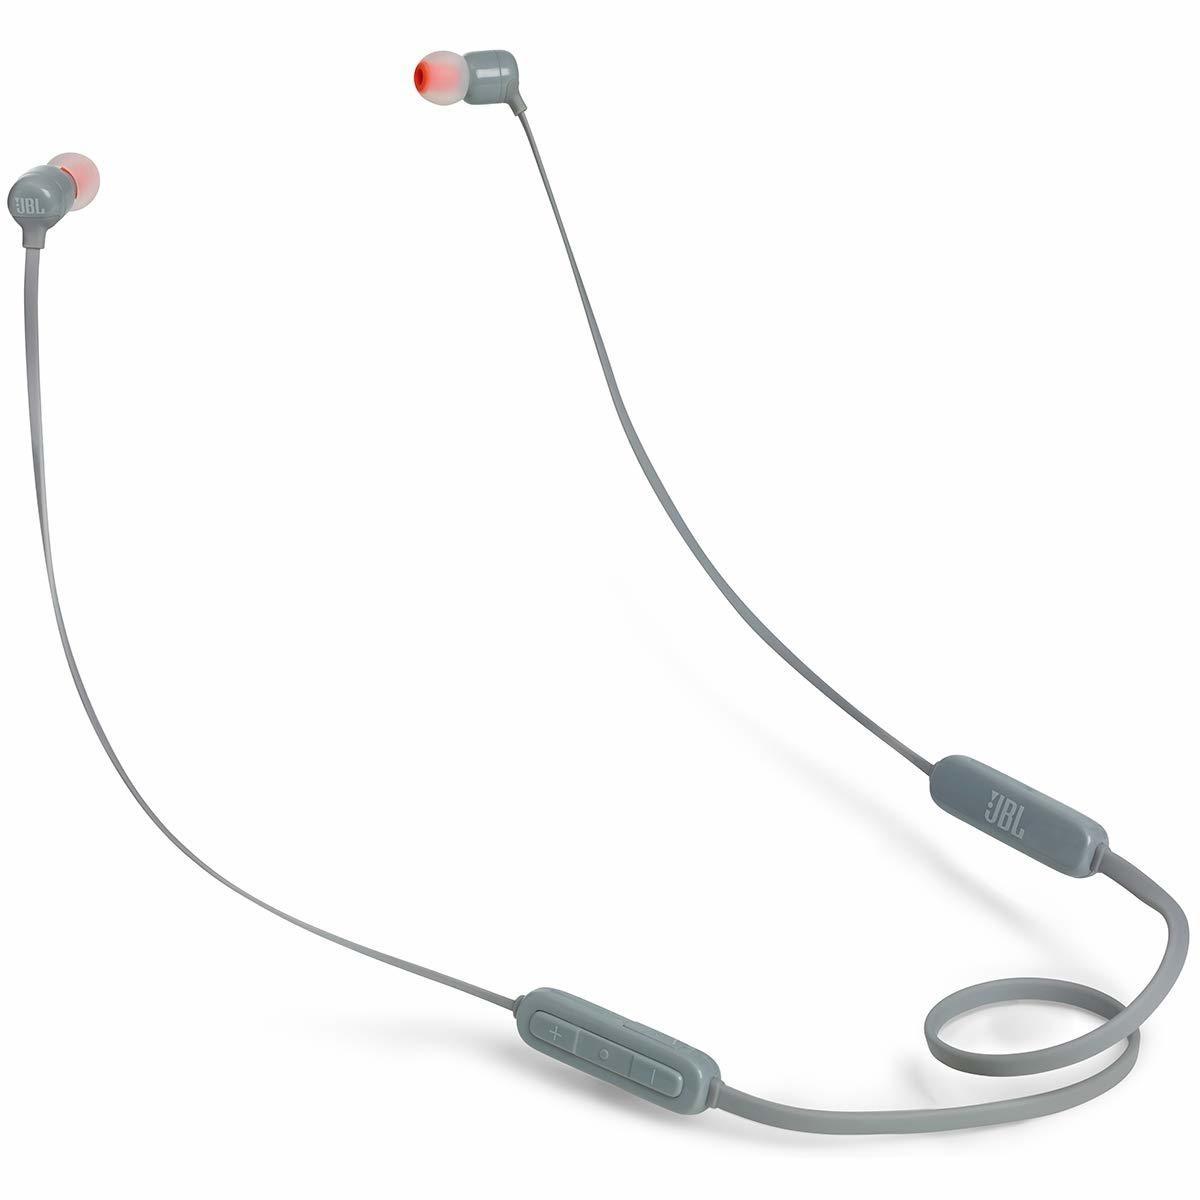 JBL T110BT Wireless in-Ear Headphones with Mic, Gray